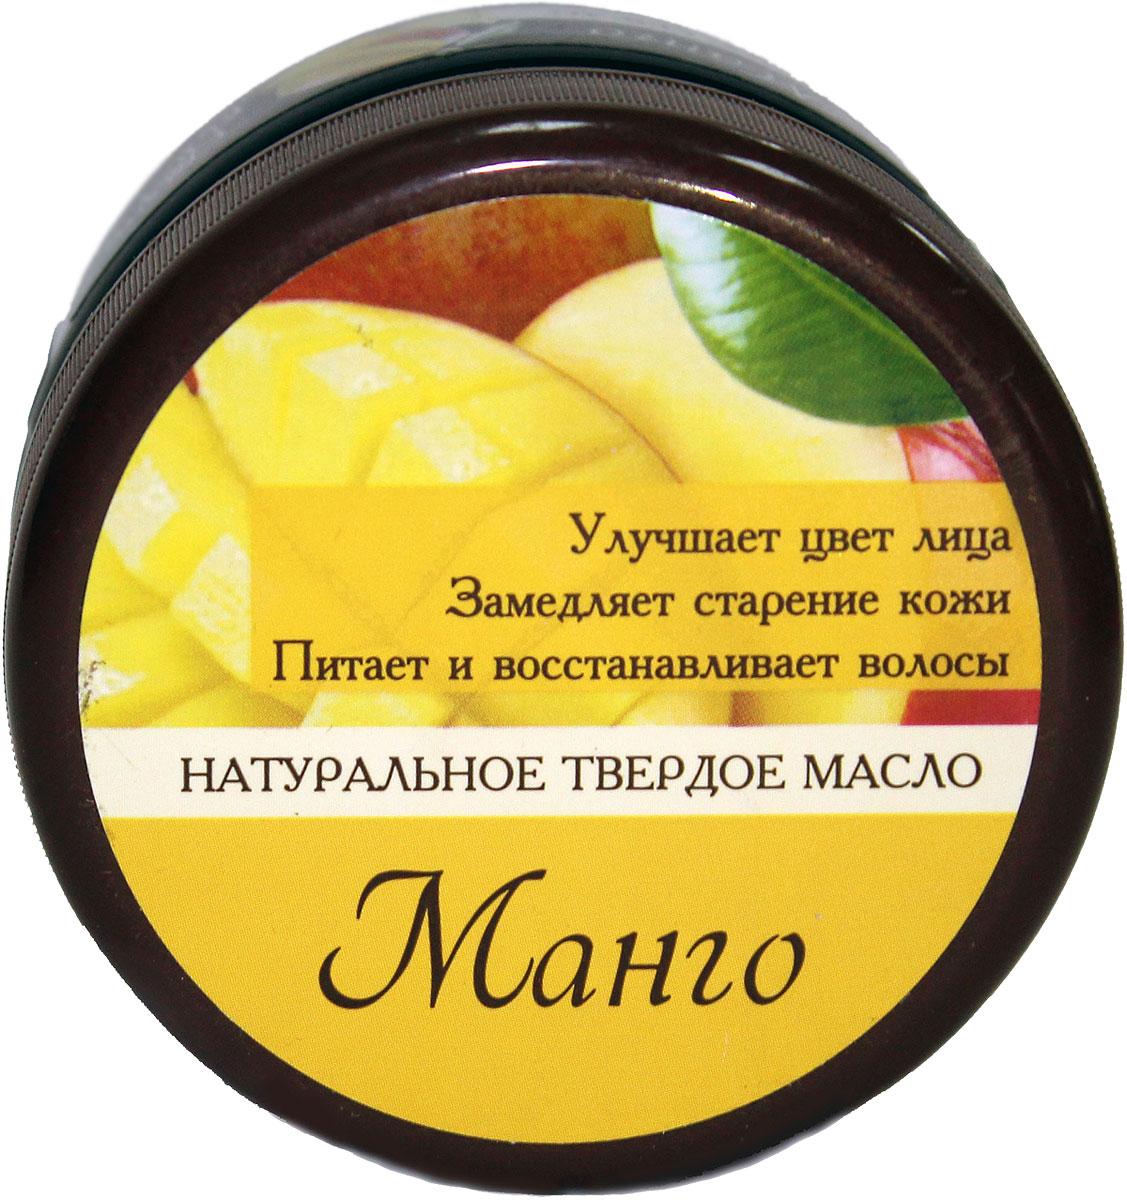 ARS Натуральное масло-баттер Манго, 75 г30340272200Масло ARS Манго обеспечивает увлажнение кожи в течение всего дня и восстанавливает мягкость, свежесть и нежность потрескавшихся и обветренных губ. Масло способствует устранению сухости кожи, успокаивает и восстанавливает ее после нахождения на солнце, способствует заживлению, питает волосы и восстанавливает их структуру.